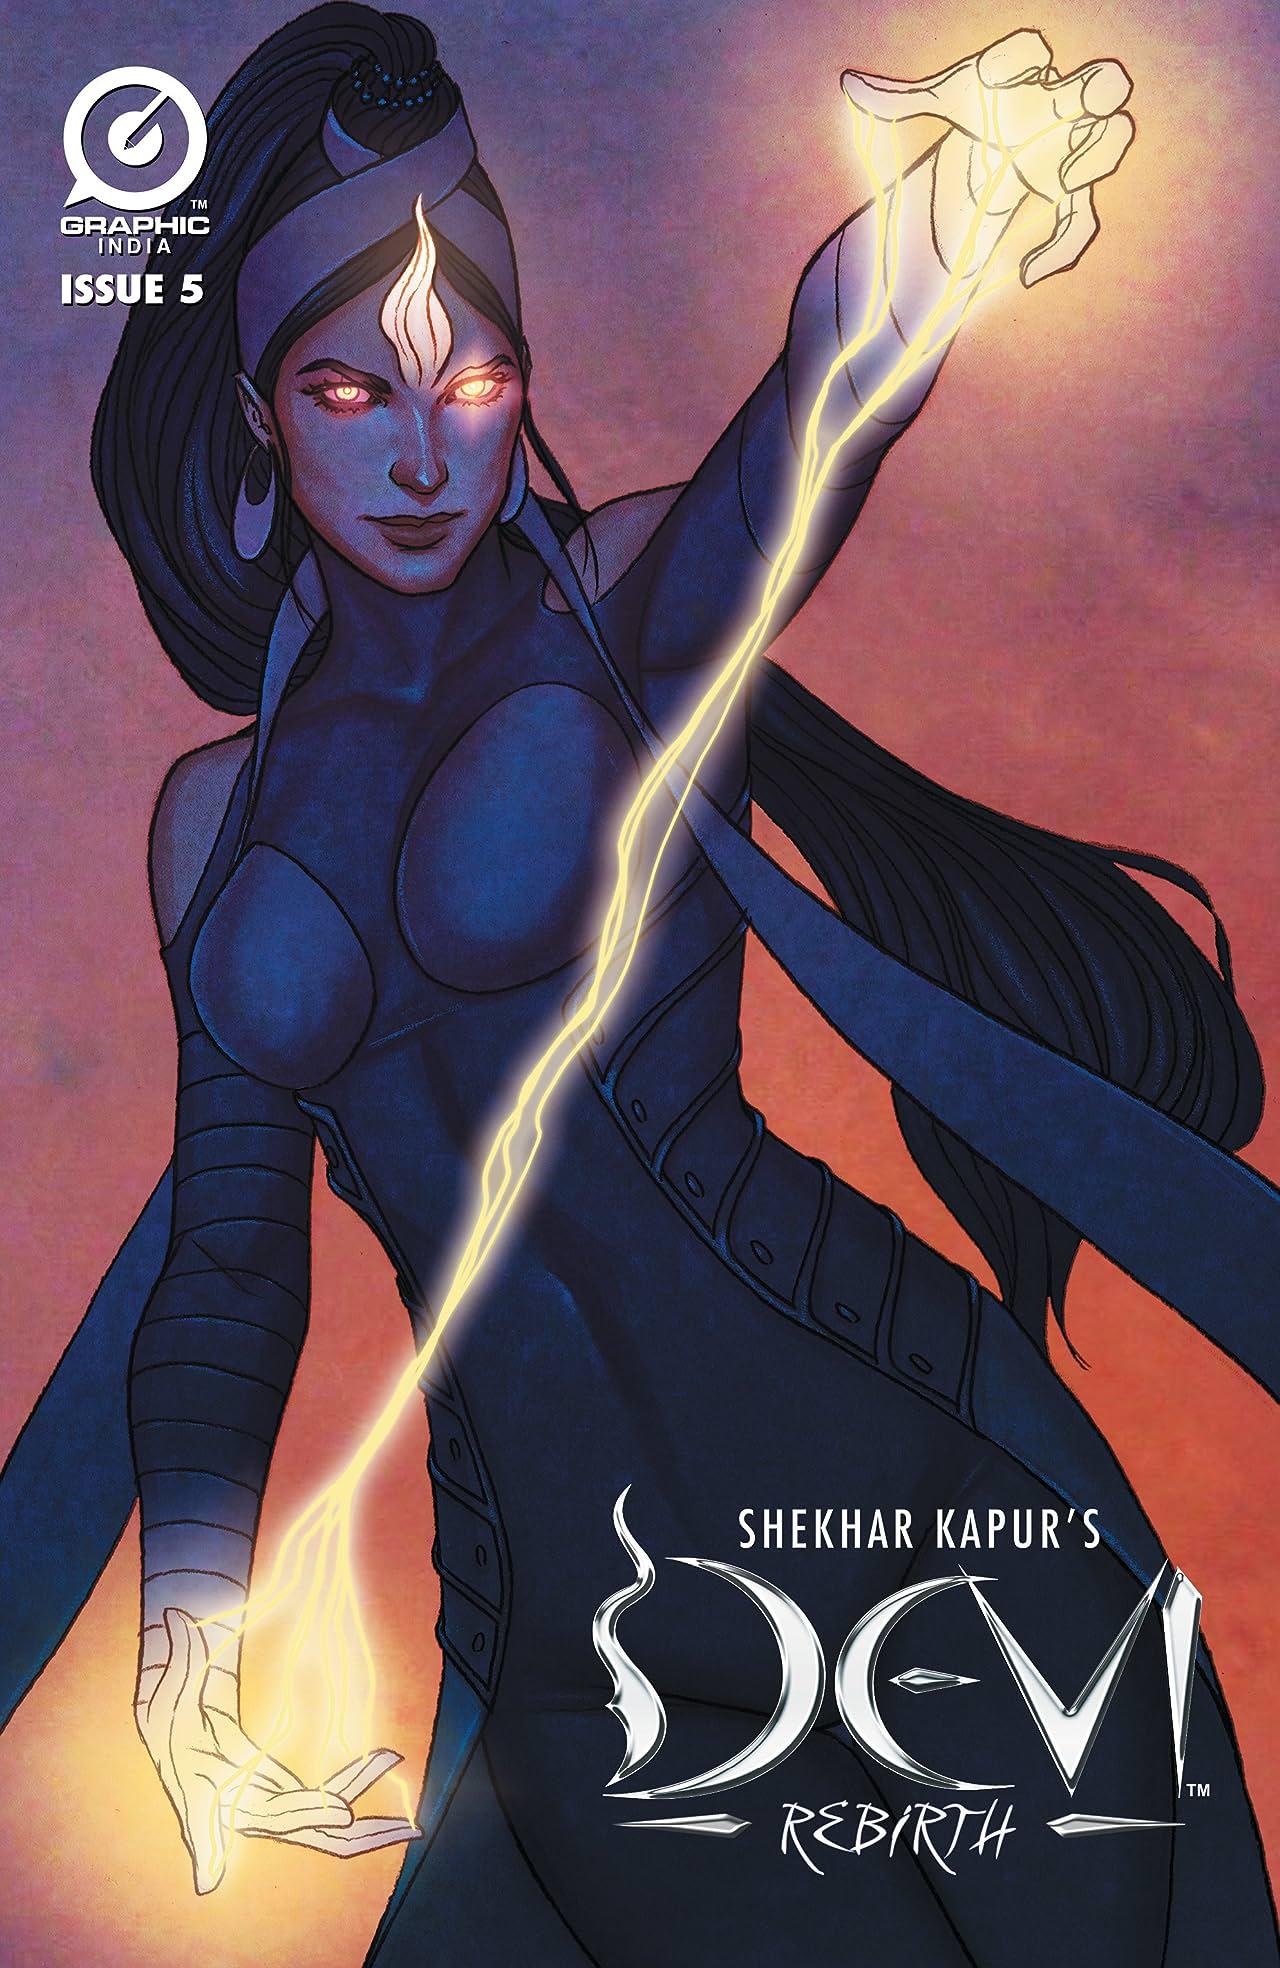 Shekhar Kapur's Devi: Rebirth #5